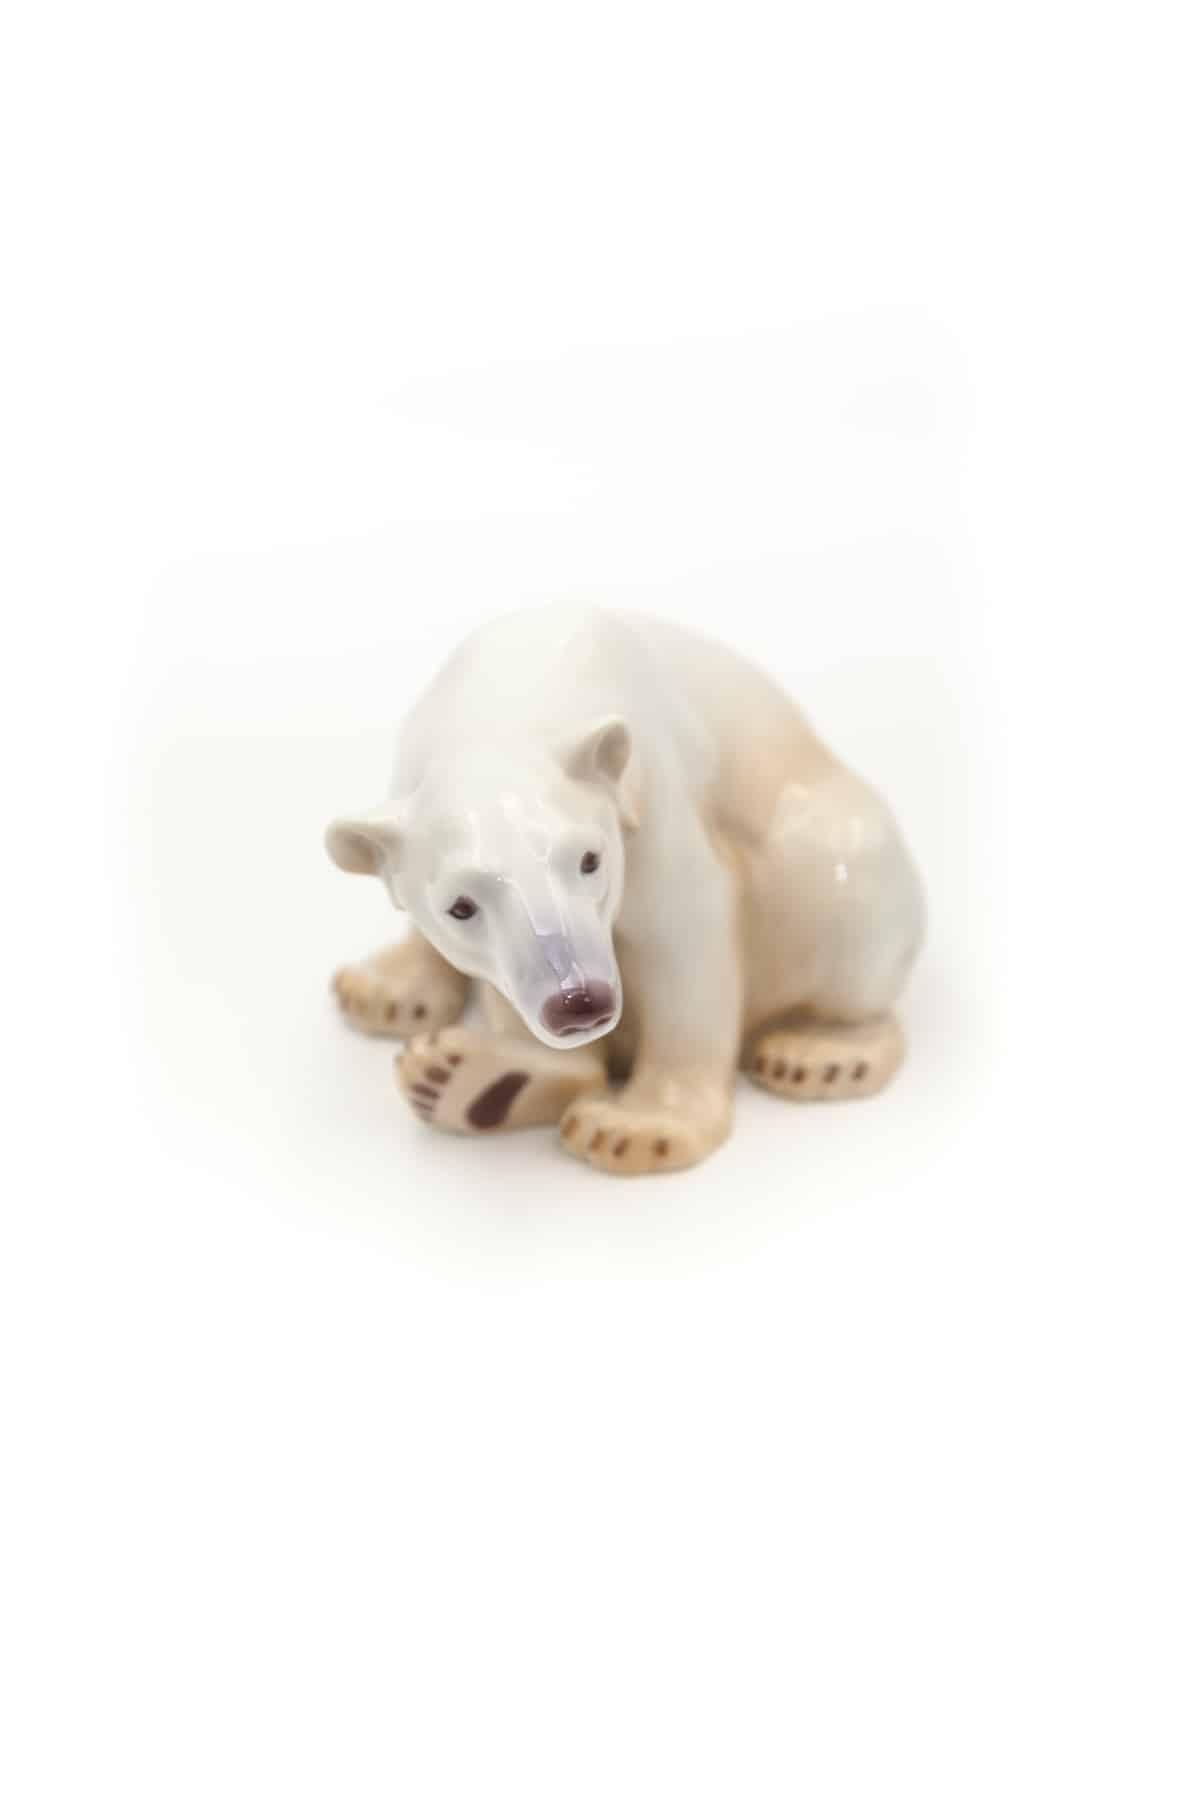 farforovaya statuetka belogo medvedya